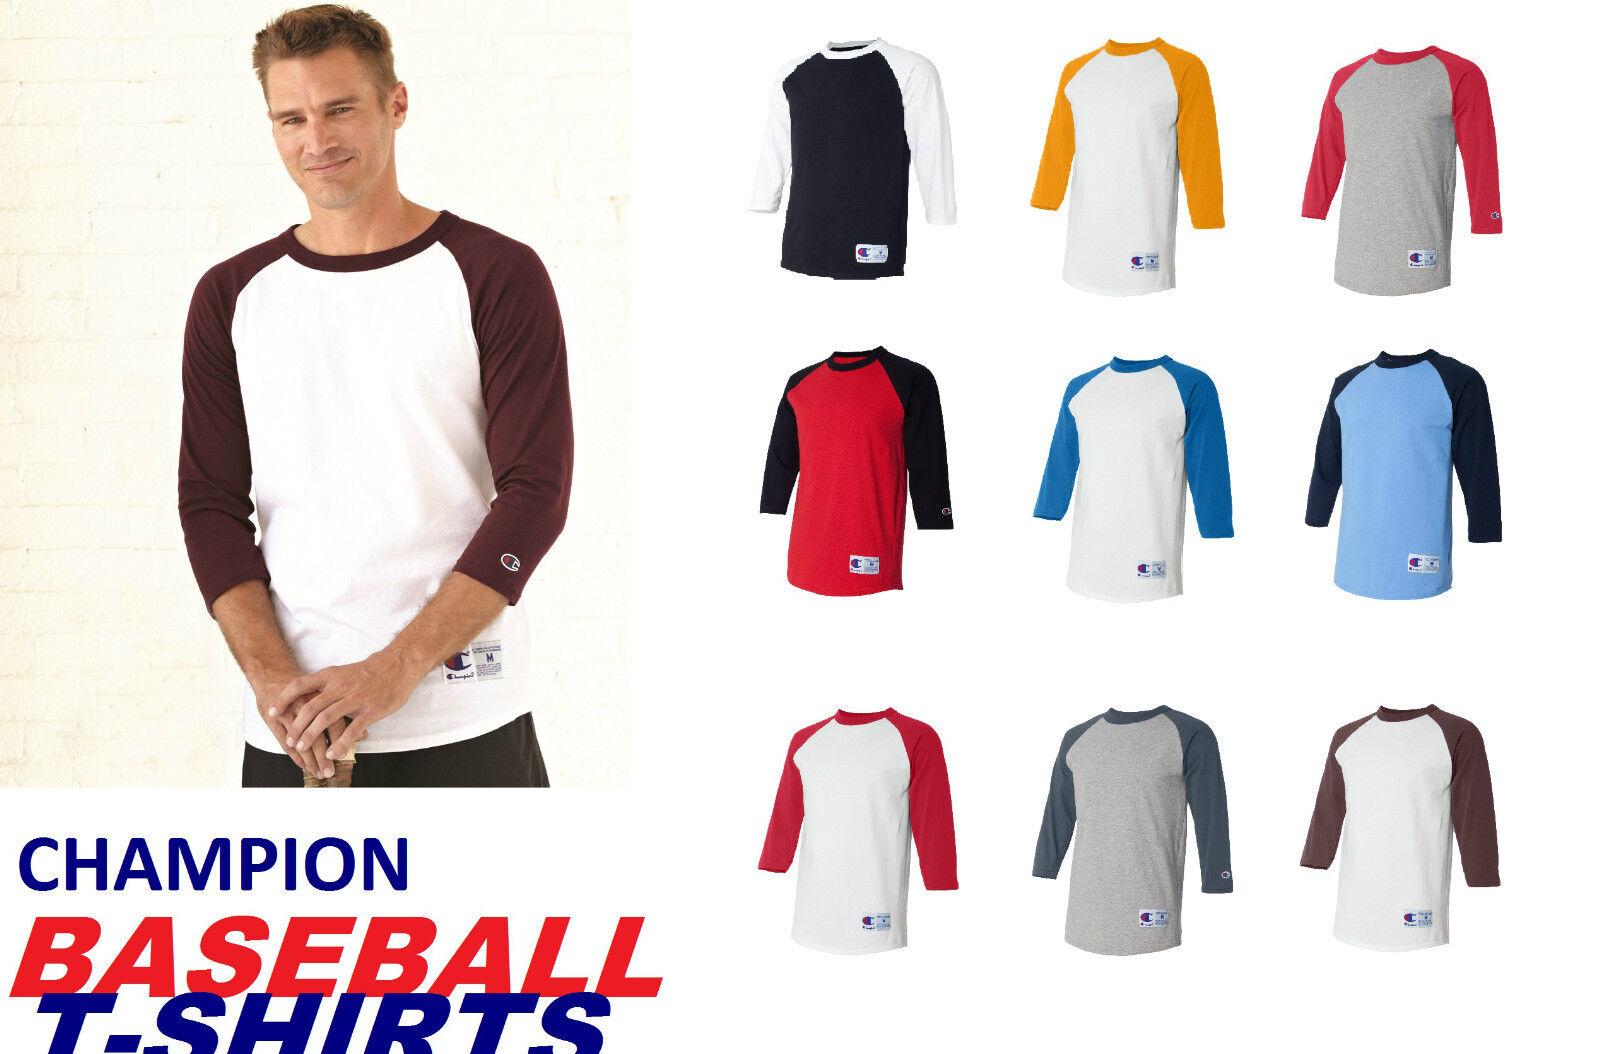 Champion - Men s 3 4 Sleeve Raglan Baseball T-Shirt - T137 1397 - 14 colors 0df54e7ce8ed7